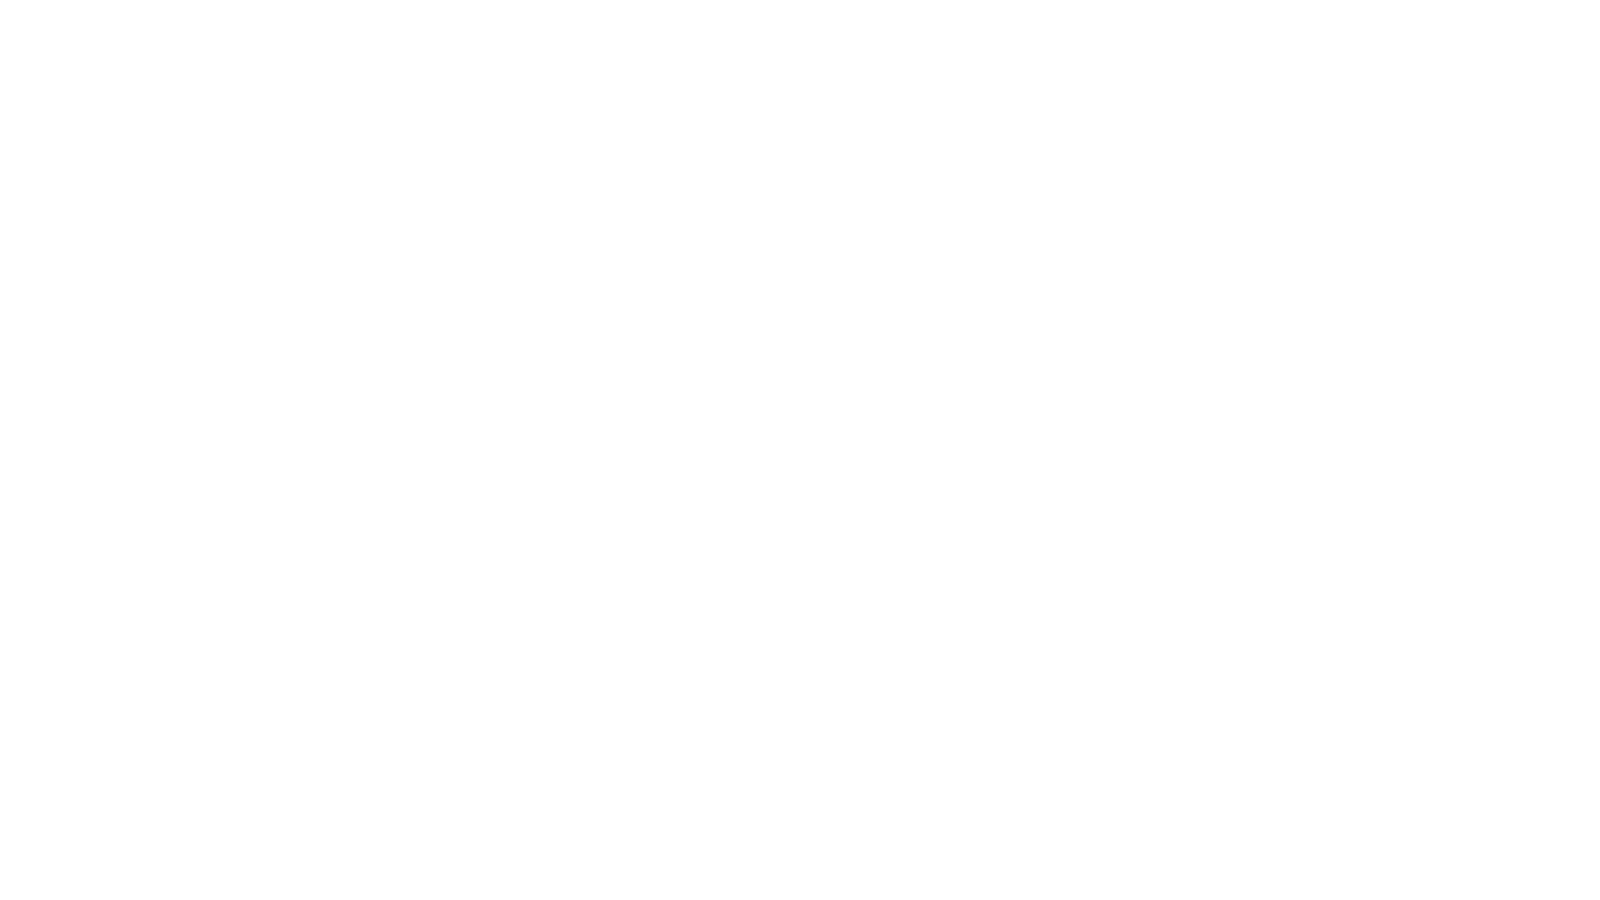 """خدمة الأحد رقم (367) : عظة: عيد القيامة عام 2021-عظة """"يفتح الرب قبوركم """"  يوم 4/ أبريل/ 2021.. للدكتور القس نبيل أسعد """"الكنيسة على الهوا"""": نقل الخدمة الروحية الكنيسة الرسولية المركزية في نيوجيرسي - أمريكا على الهوا مباشرة على قناة الكلمة كل يوم أحد الساعة 12 ظ بتوقيت نيوجيرسي، والساعة 7 مساء بتوقيت مصر، ، والساعة 4 صباح `الإثنين بتوقيت أستراليا. راعي الكنيسة الدكتور القس نبيل أسعد ومعه خادم الرب المرنم عاطف بشوت وفريق صوت المجد ويمكن مشاهدة الكنيسة على الهوا على الستاليت أو على صفحتنا على  الإنترنت Facebook: https://www.facebook.com/alkalematv2 Twitter: https://twitter.com/alkalematv Website: http://www.alkalema.tv/  Youtube: https://www.youtube.com/revasaad Instagram: https://www.instagram.com/alkalematv/ Sound Cloud: https://soundcloud.com/rev-nabil-asaad Apps (Apple & Android): Alkaleamatv"""